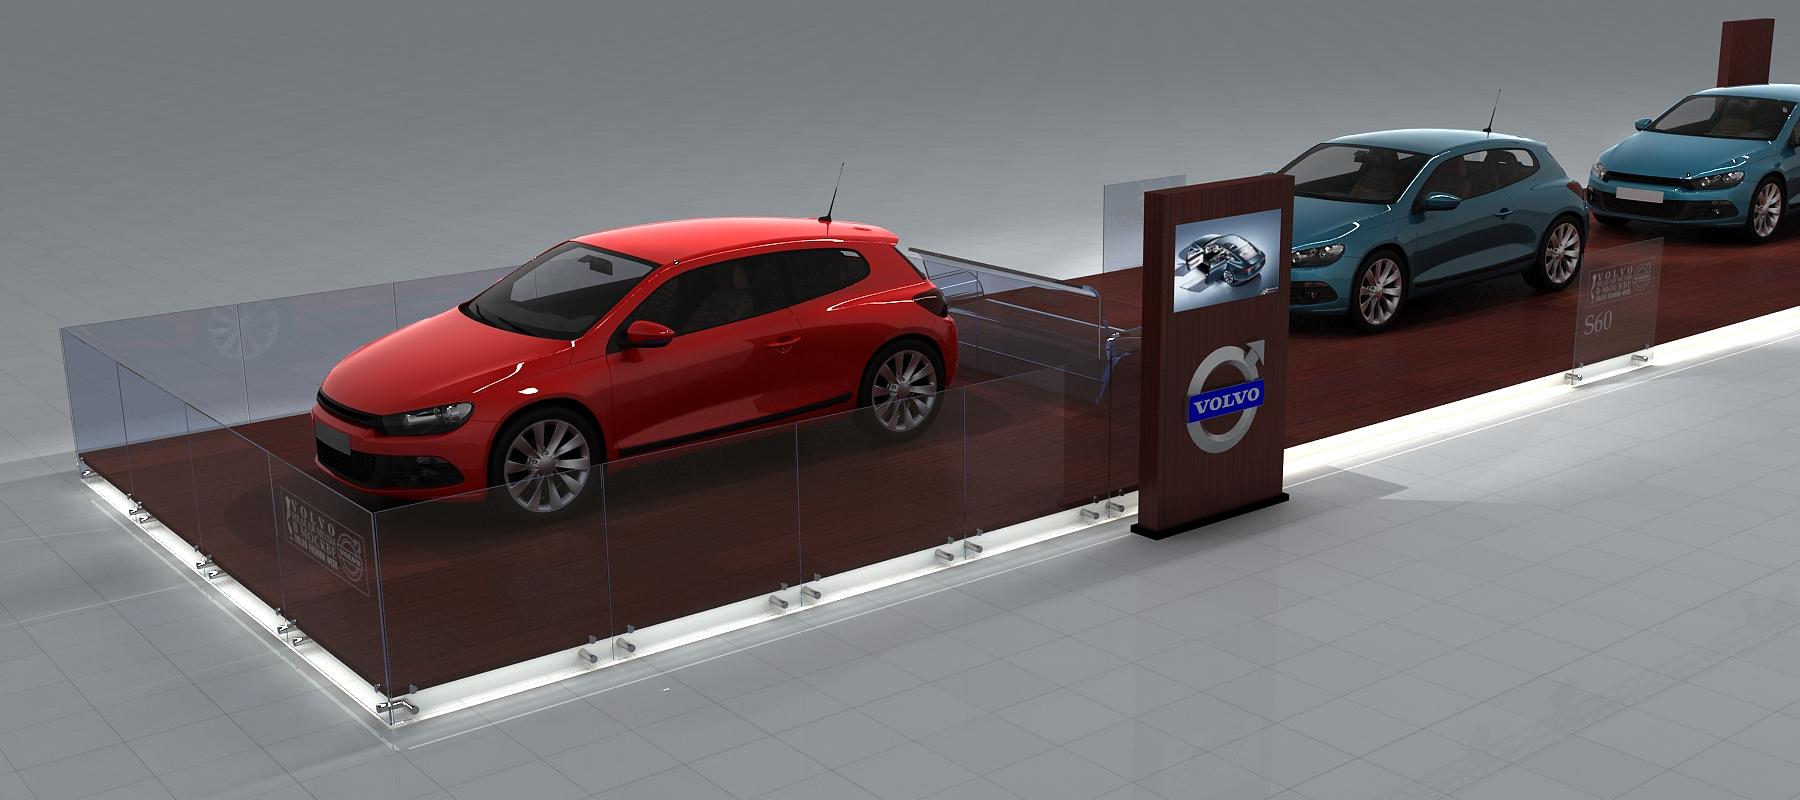 3D визуализация. Выставочно-демонстрационный автомобильный стенд.